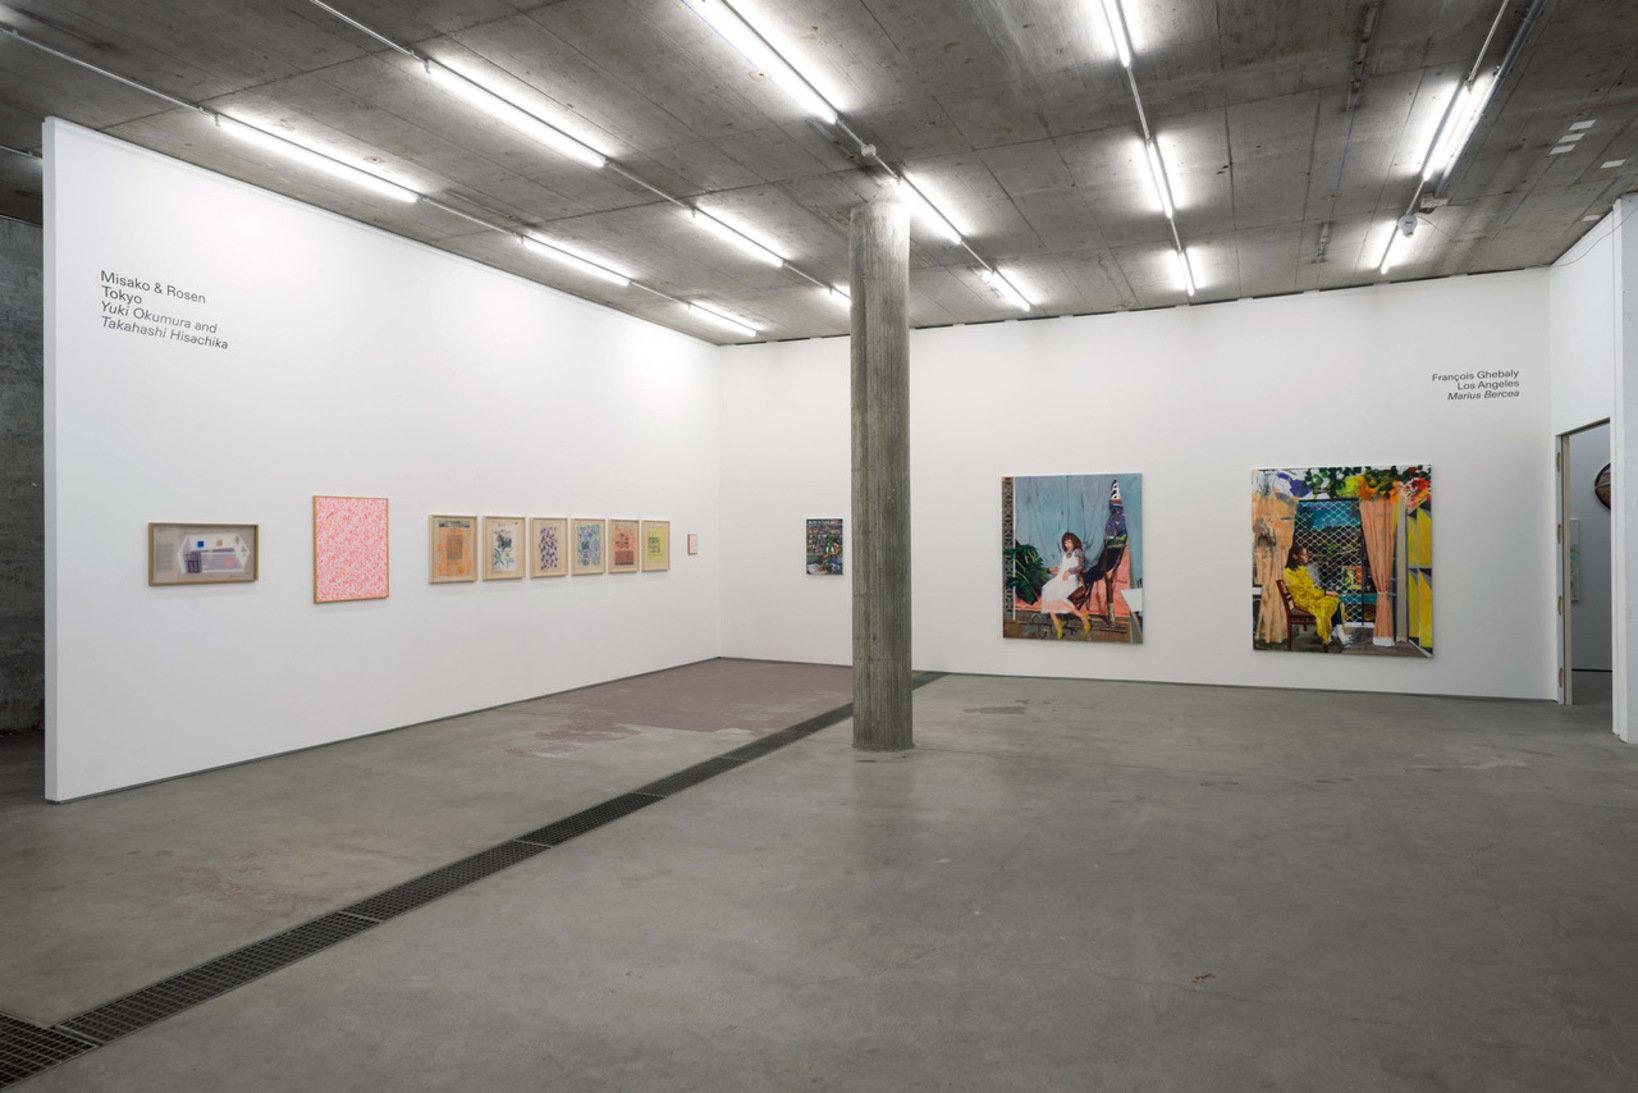 June 展示風景 左の壁:MISAKO & ROSEN 右の壁:フランソワ・ゲバーリー(ロサンゼルス)